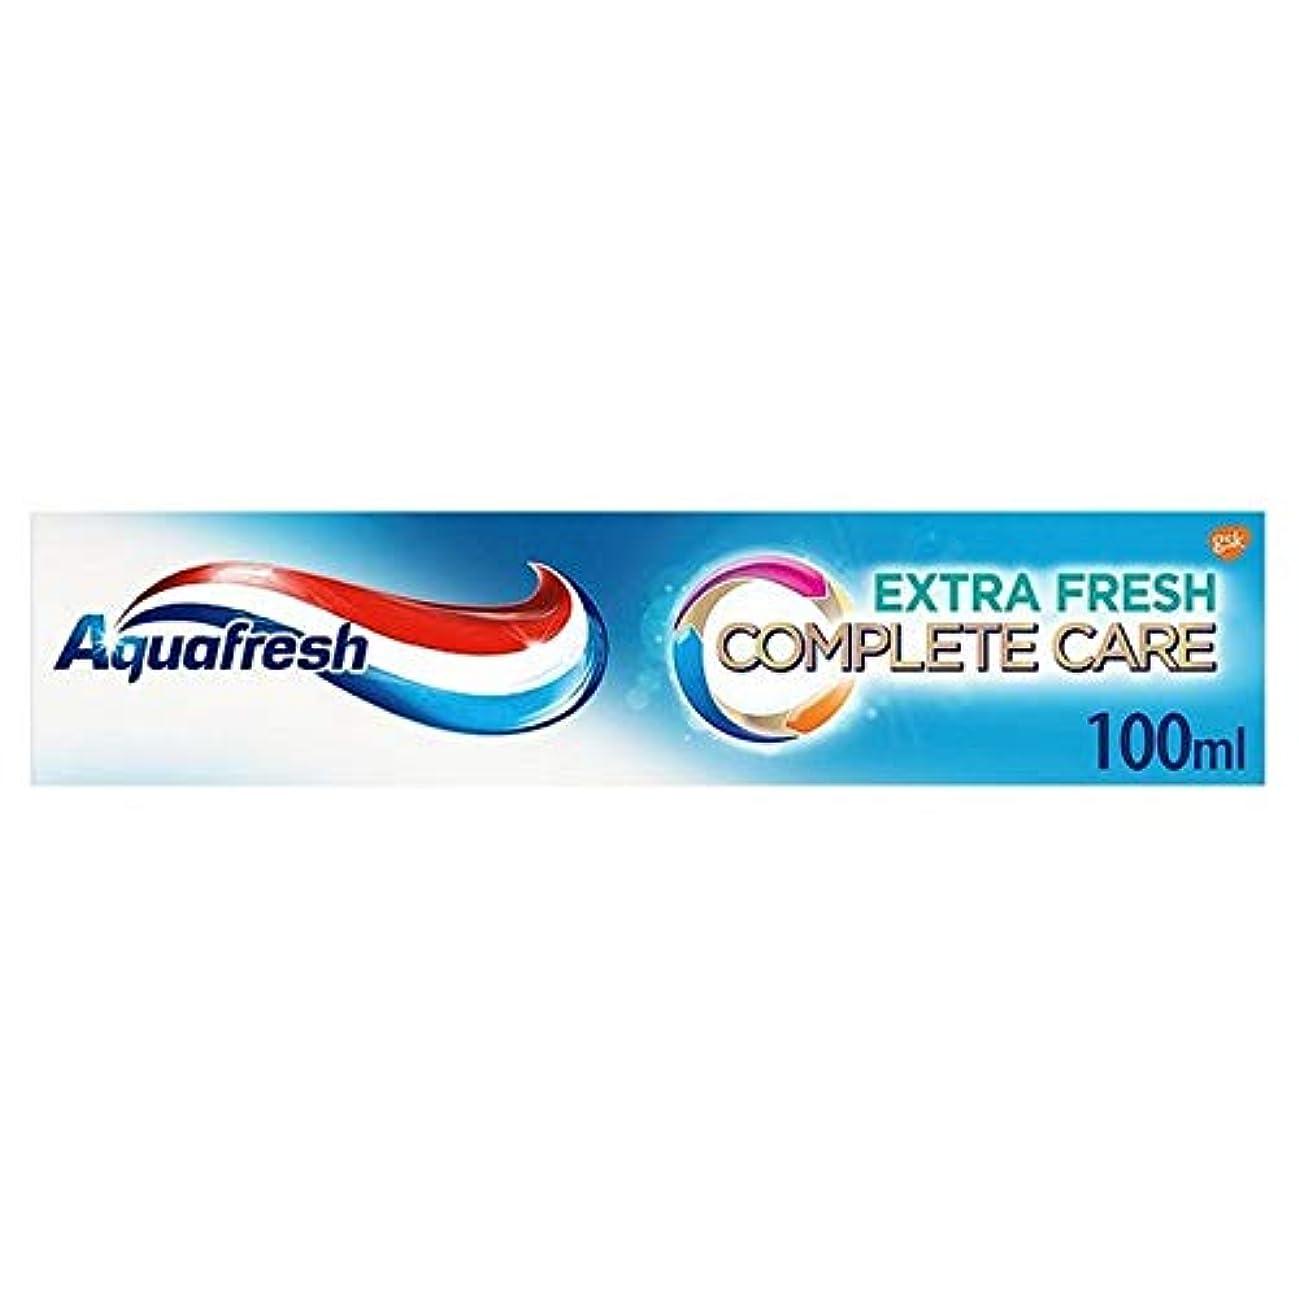 絶滅絶えず魅力的[Aquafresh ] アクアフレッシュ完全なケアの余分な新鮮な歯磨き粉の100ミリリットル - Aquafresh Complete Care Extra Fresh Toothpaste 100ml [並行輸入品]